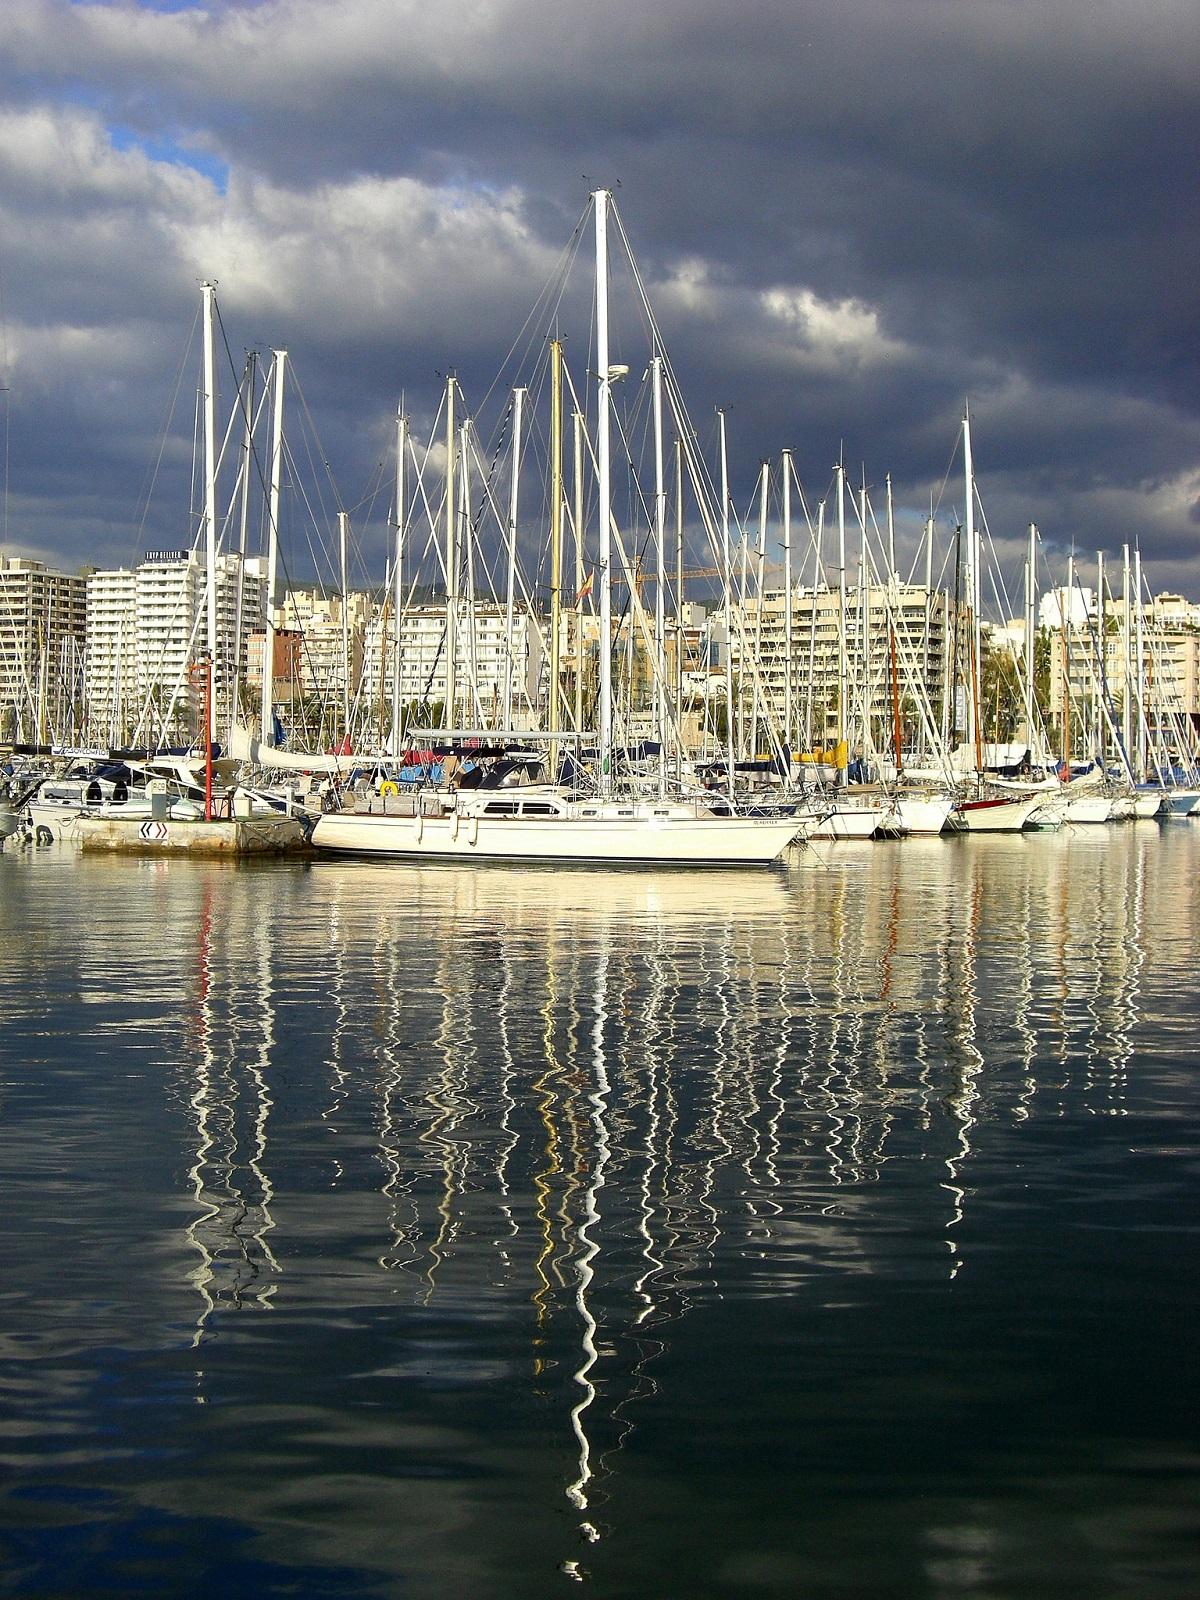 Flickr - Puerto de Mallorca - Carlos ZGZ